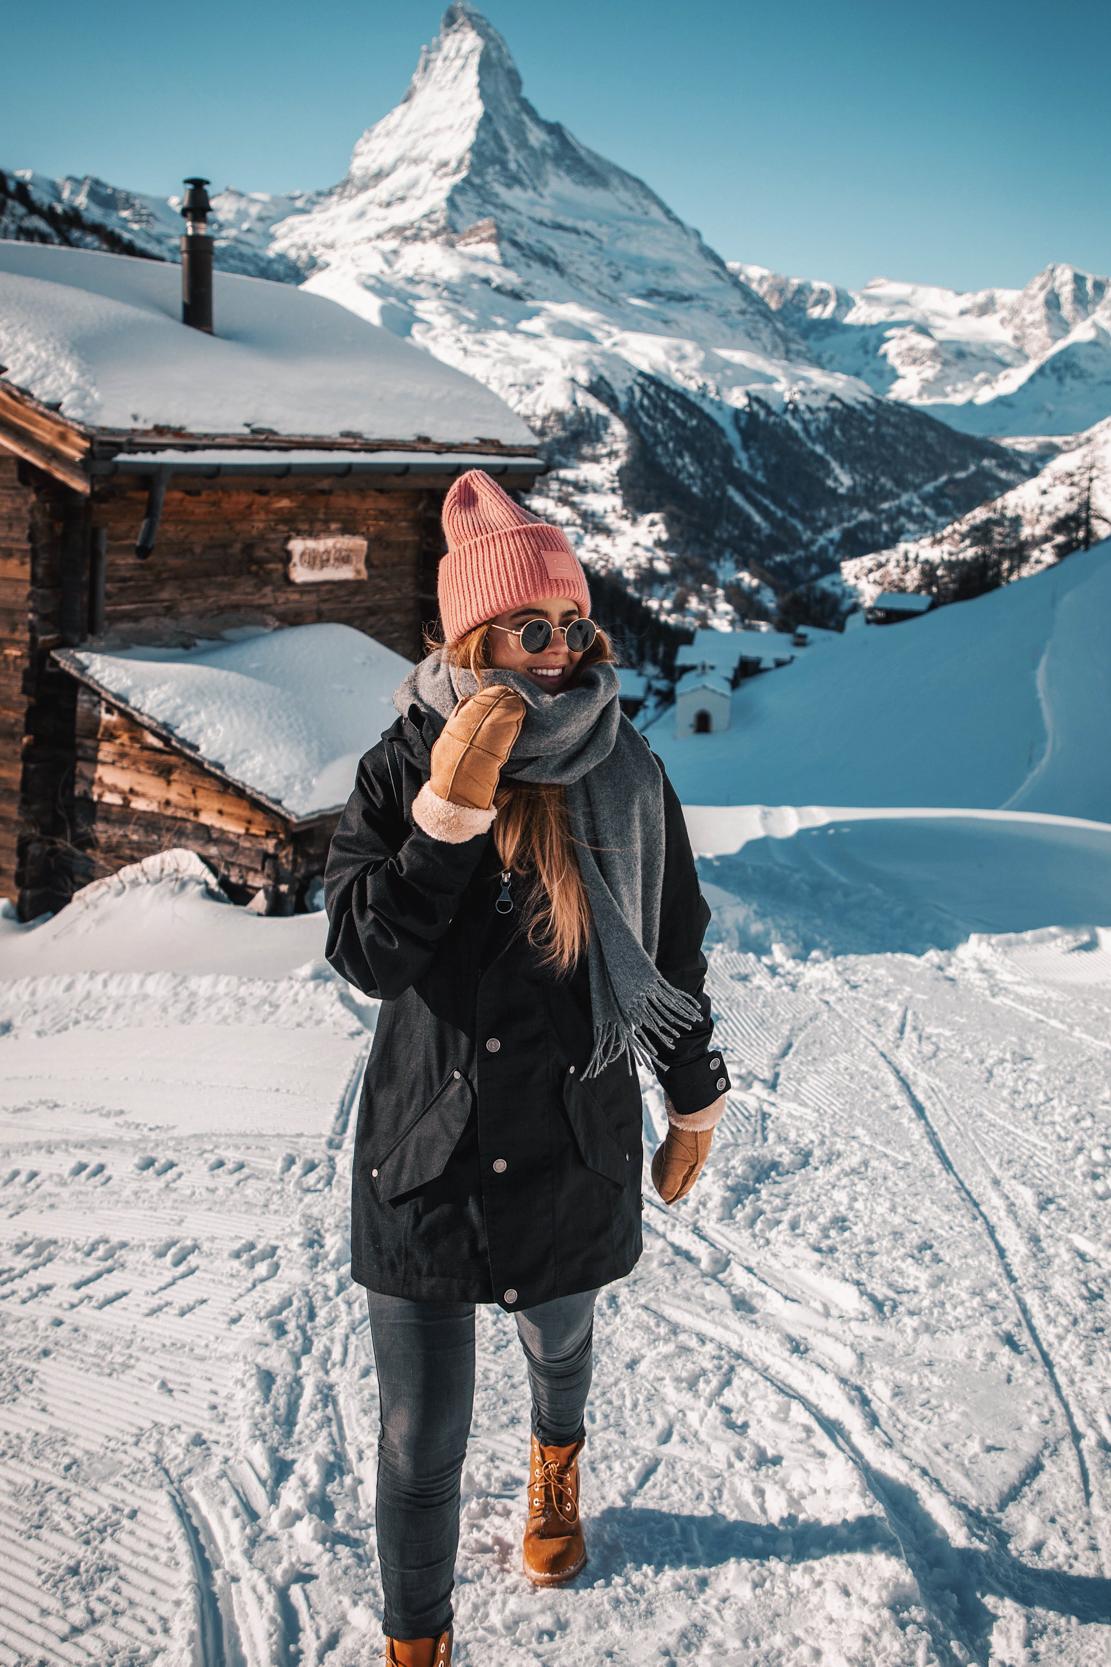 stylish-winter-outfits-switzerland-12.jpg